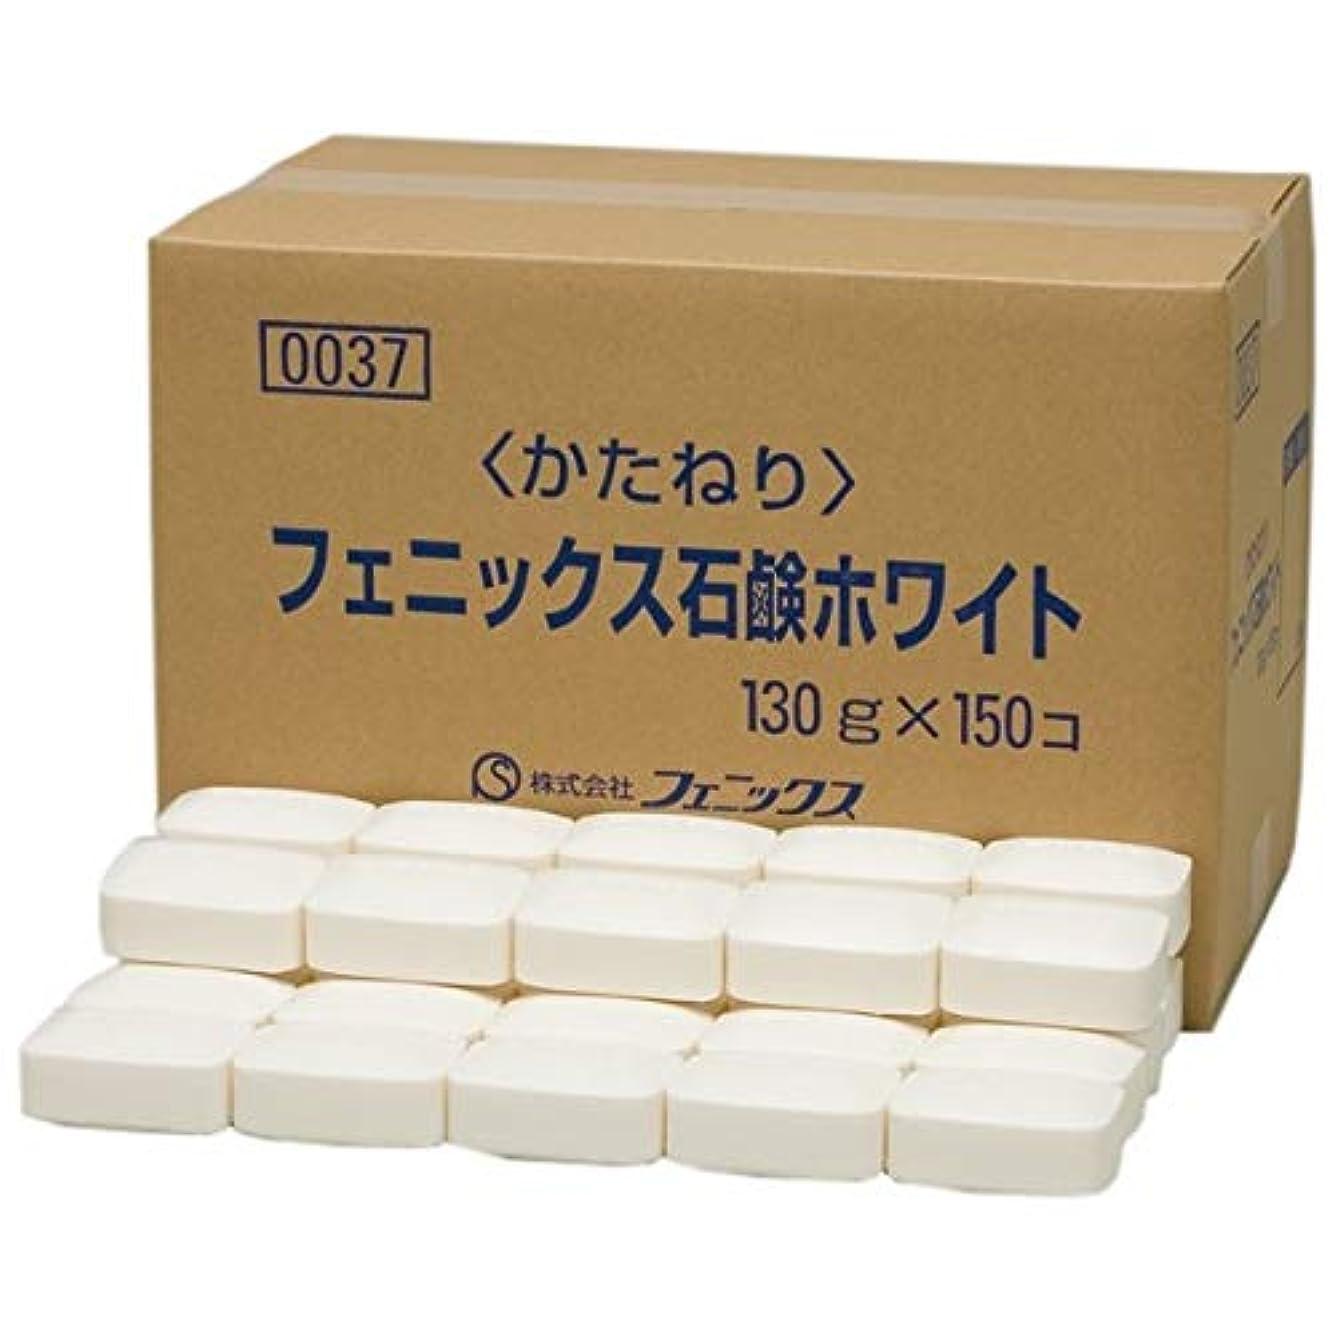 誕生日動力学有名人フェニックスホワイト石鹸 130g×150個入